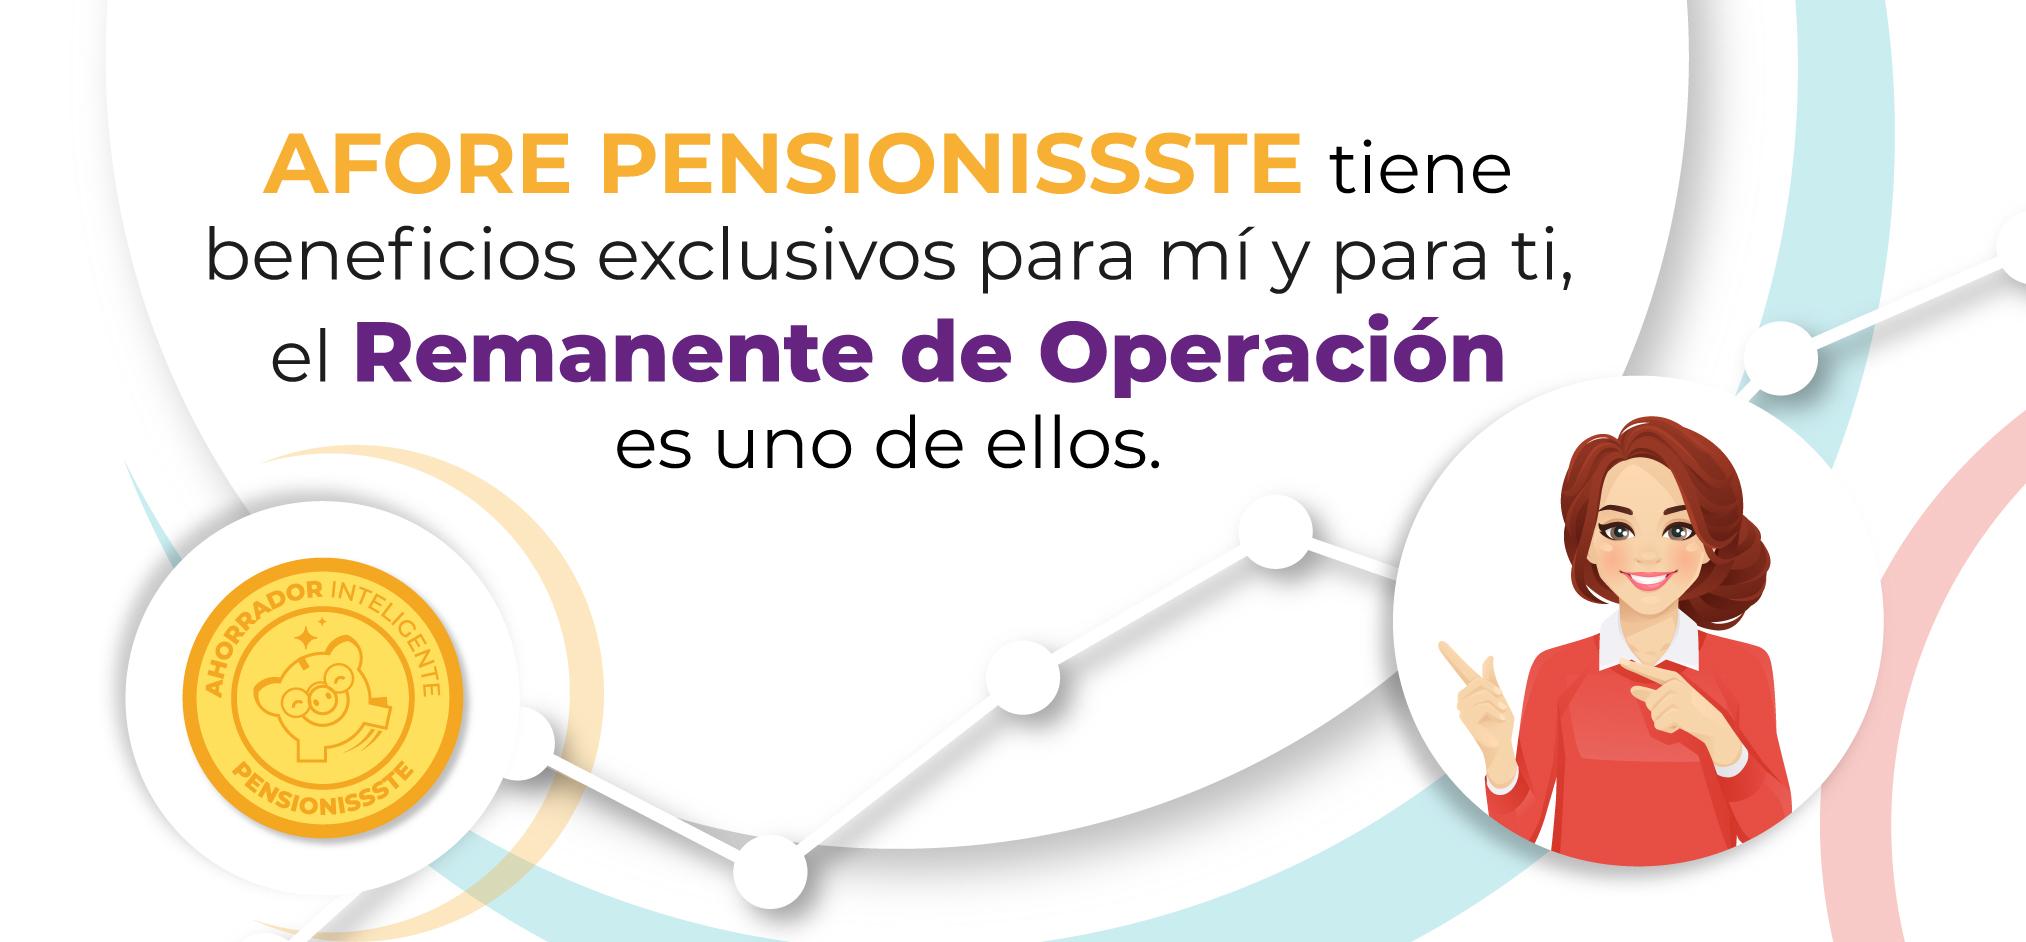 Blog: AFORE PENSIONISSSTE tiene beneficios exclusivos para mí y para ti, el Remanente de Operación es uno de ellos